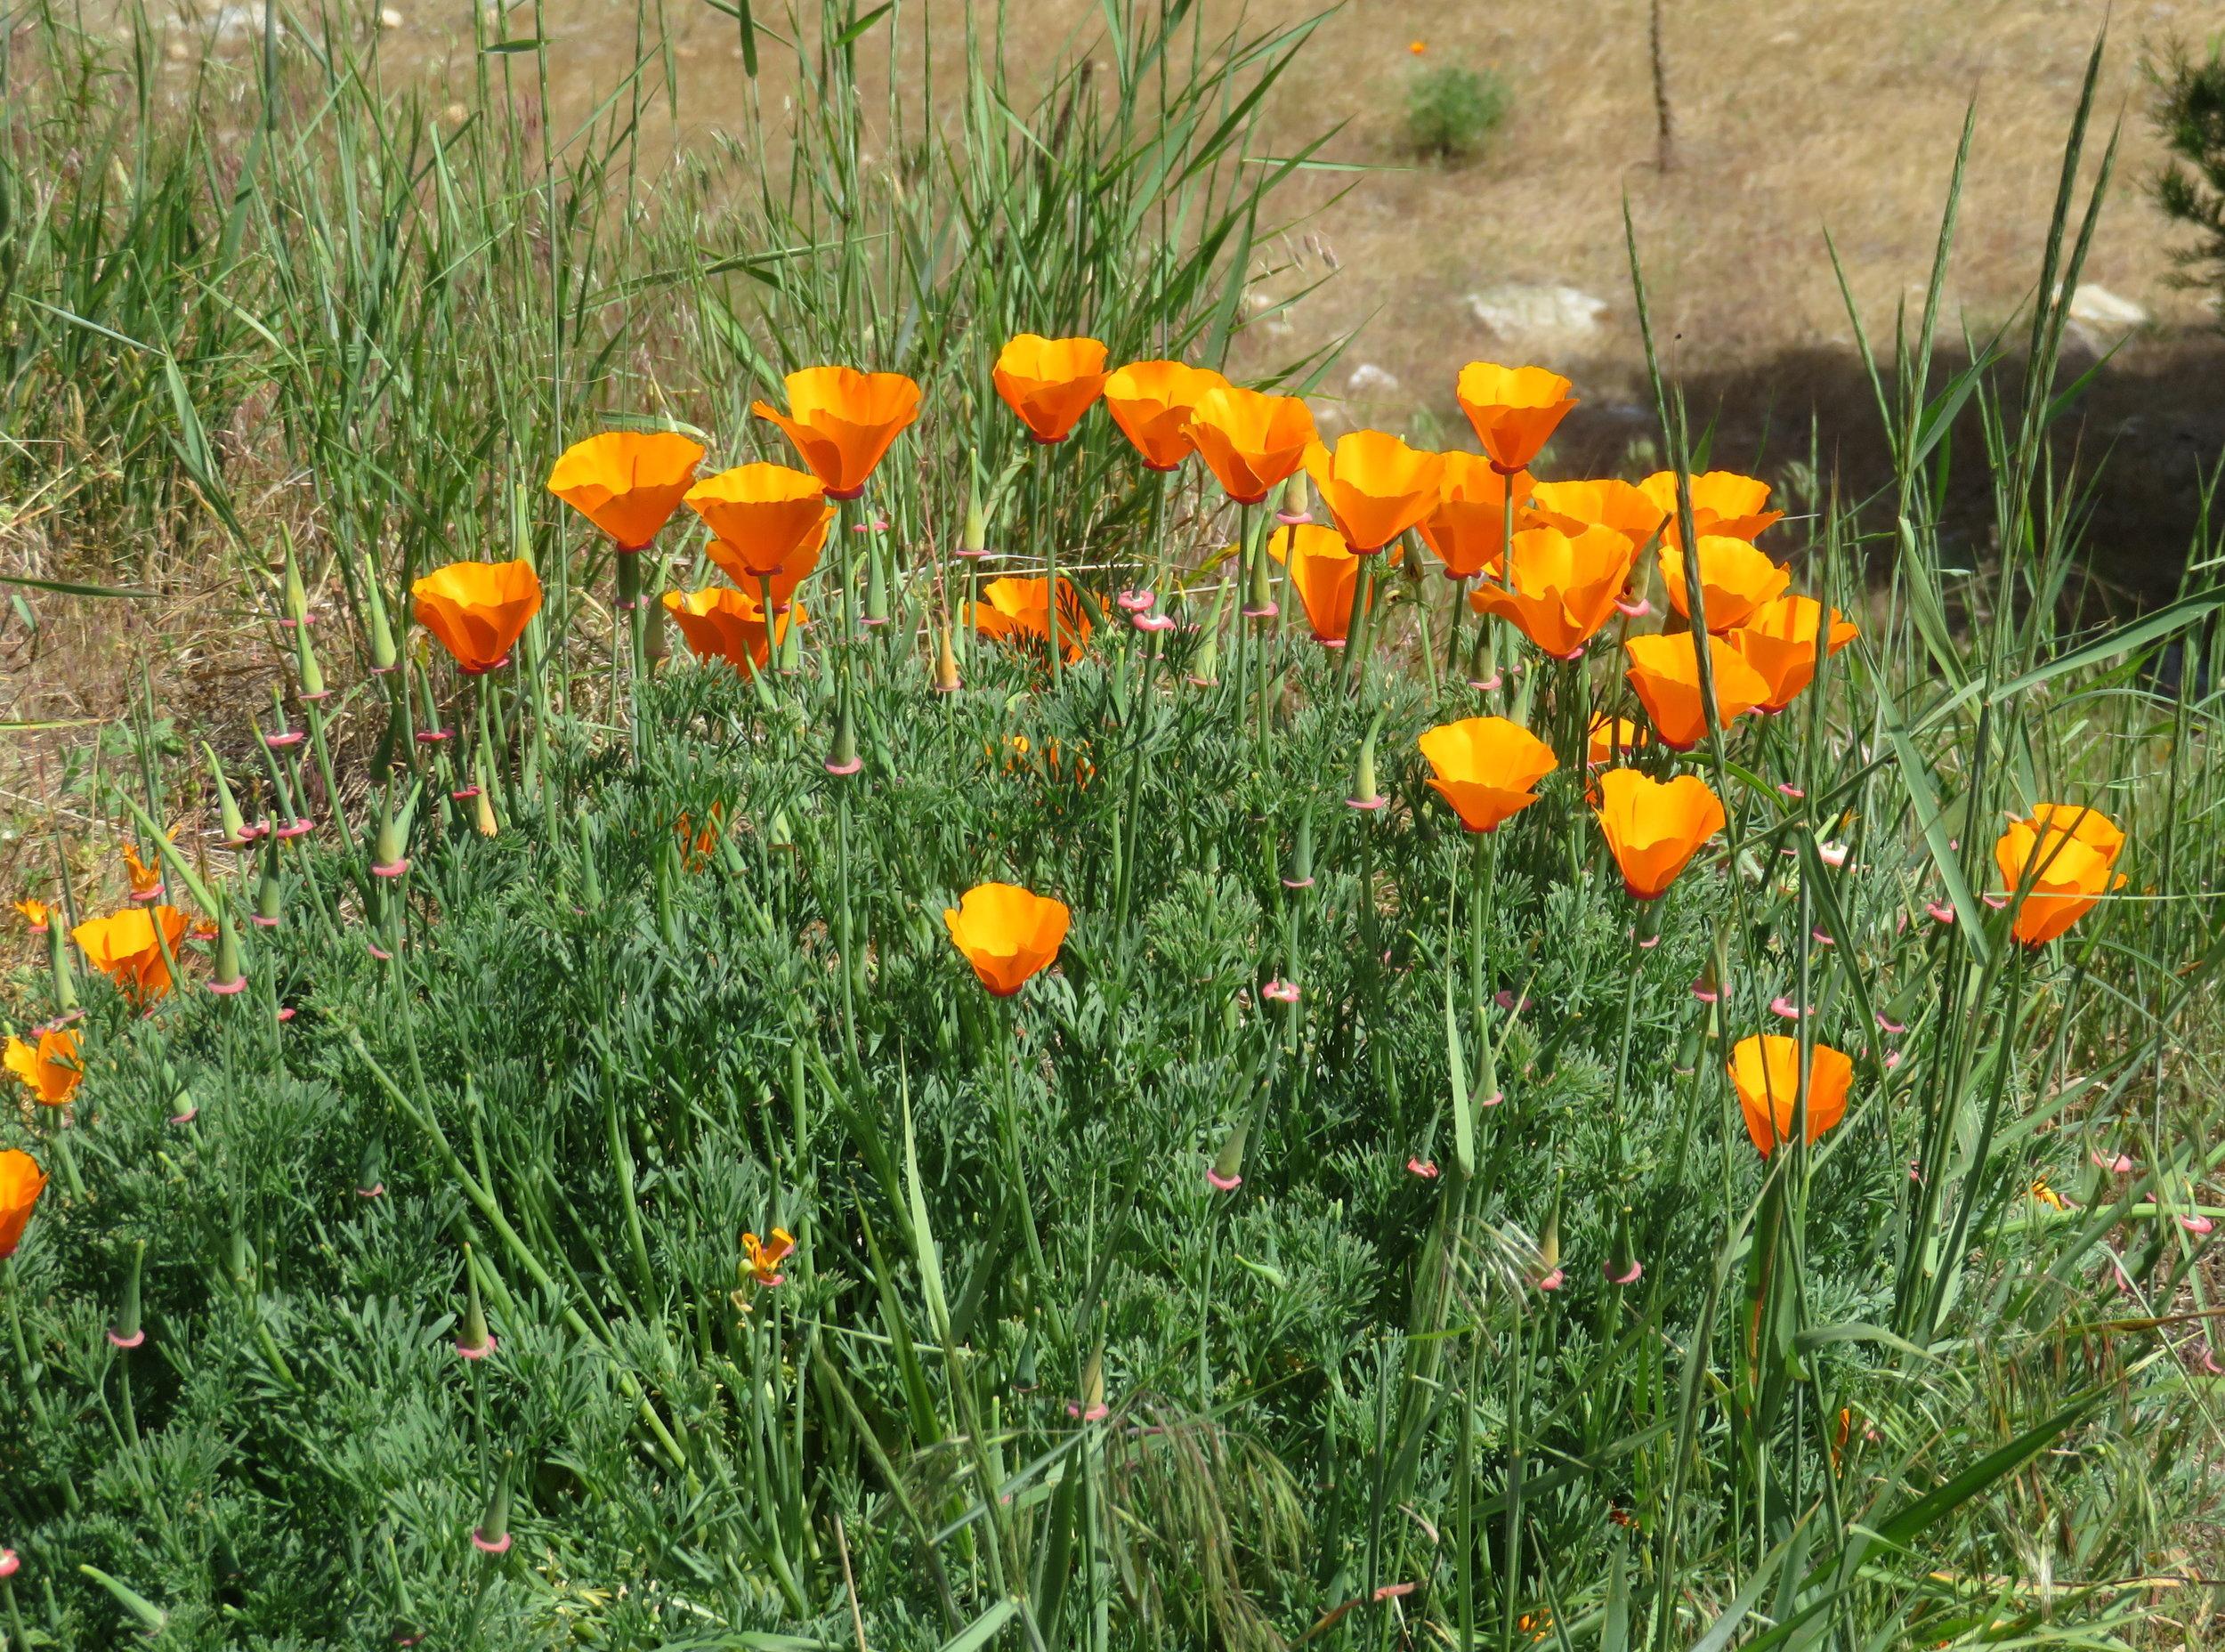 California poppies welcomed us at WaKaLuu Hep Yoo campground.